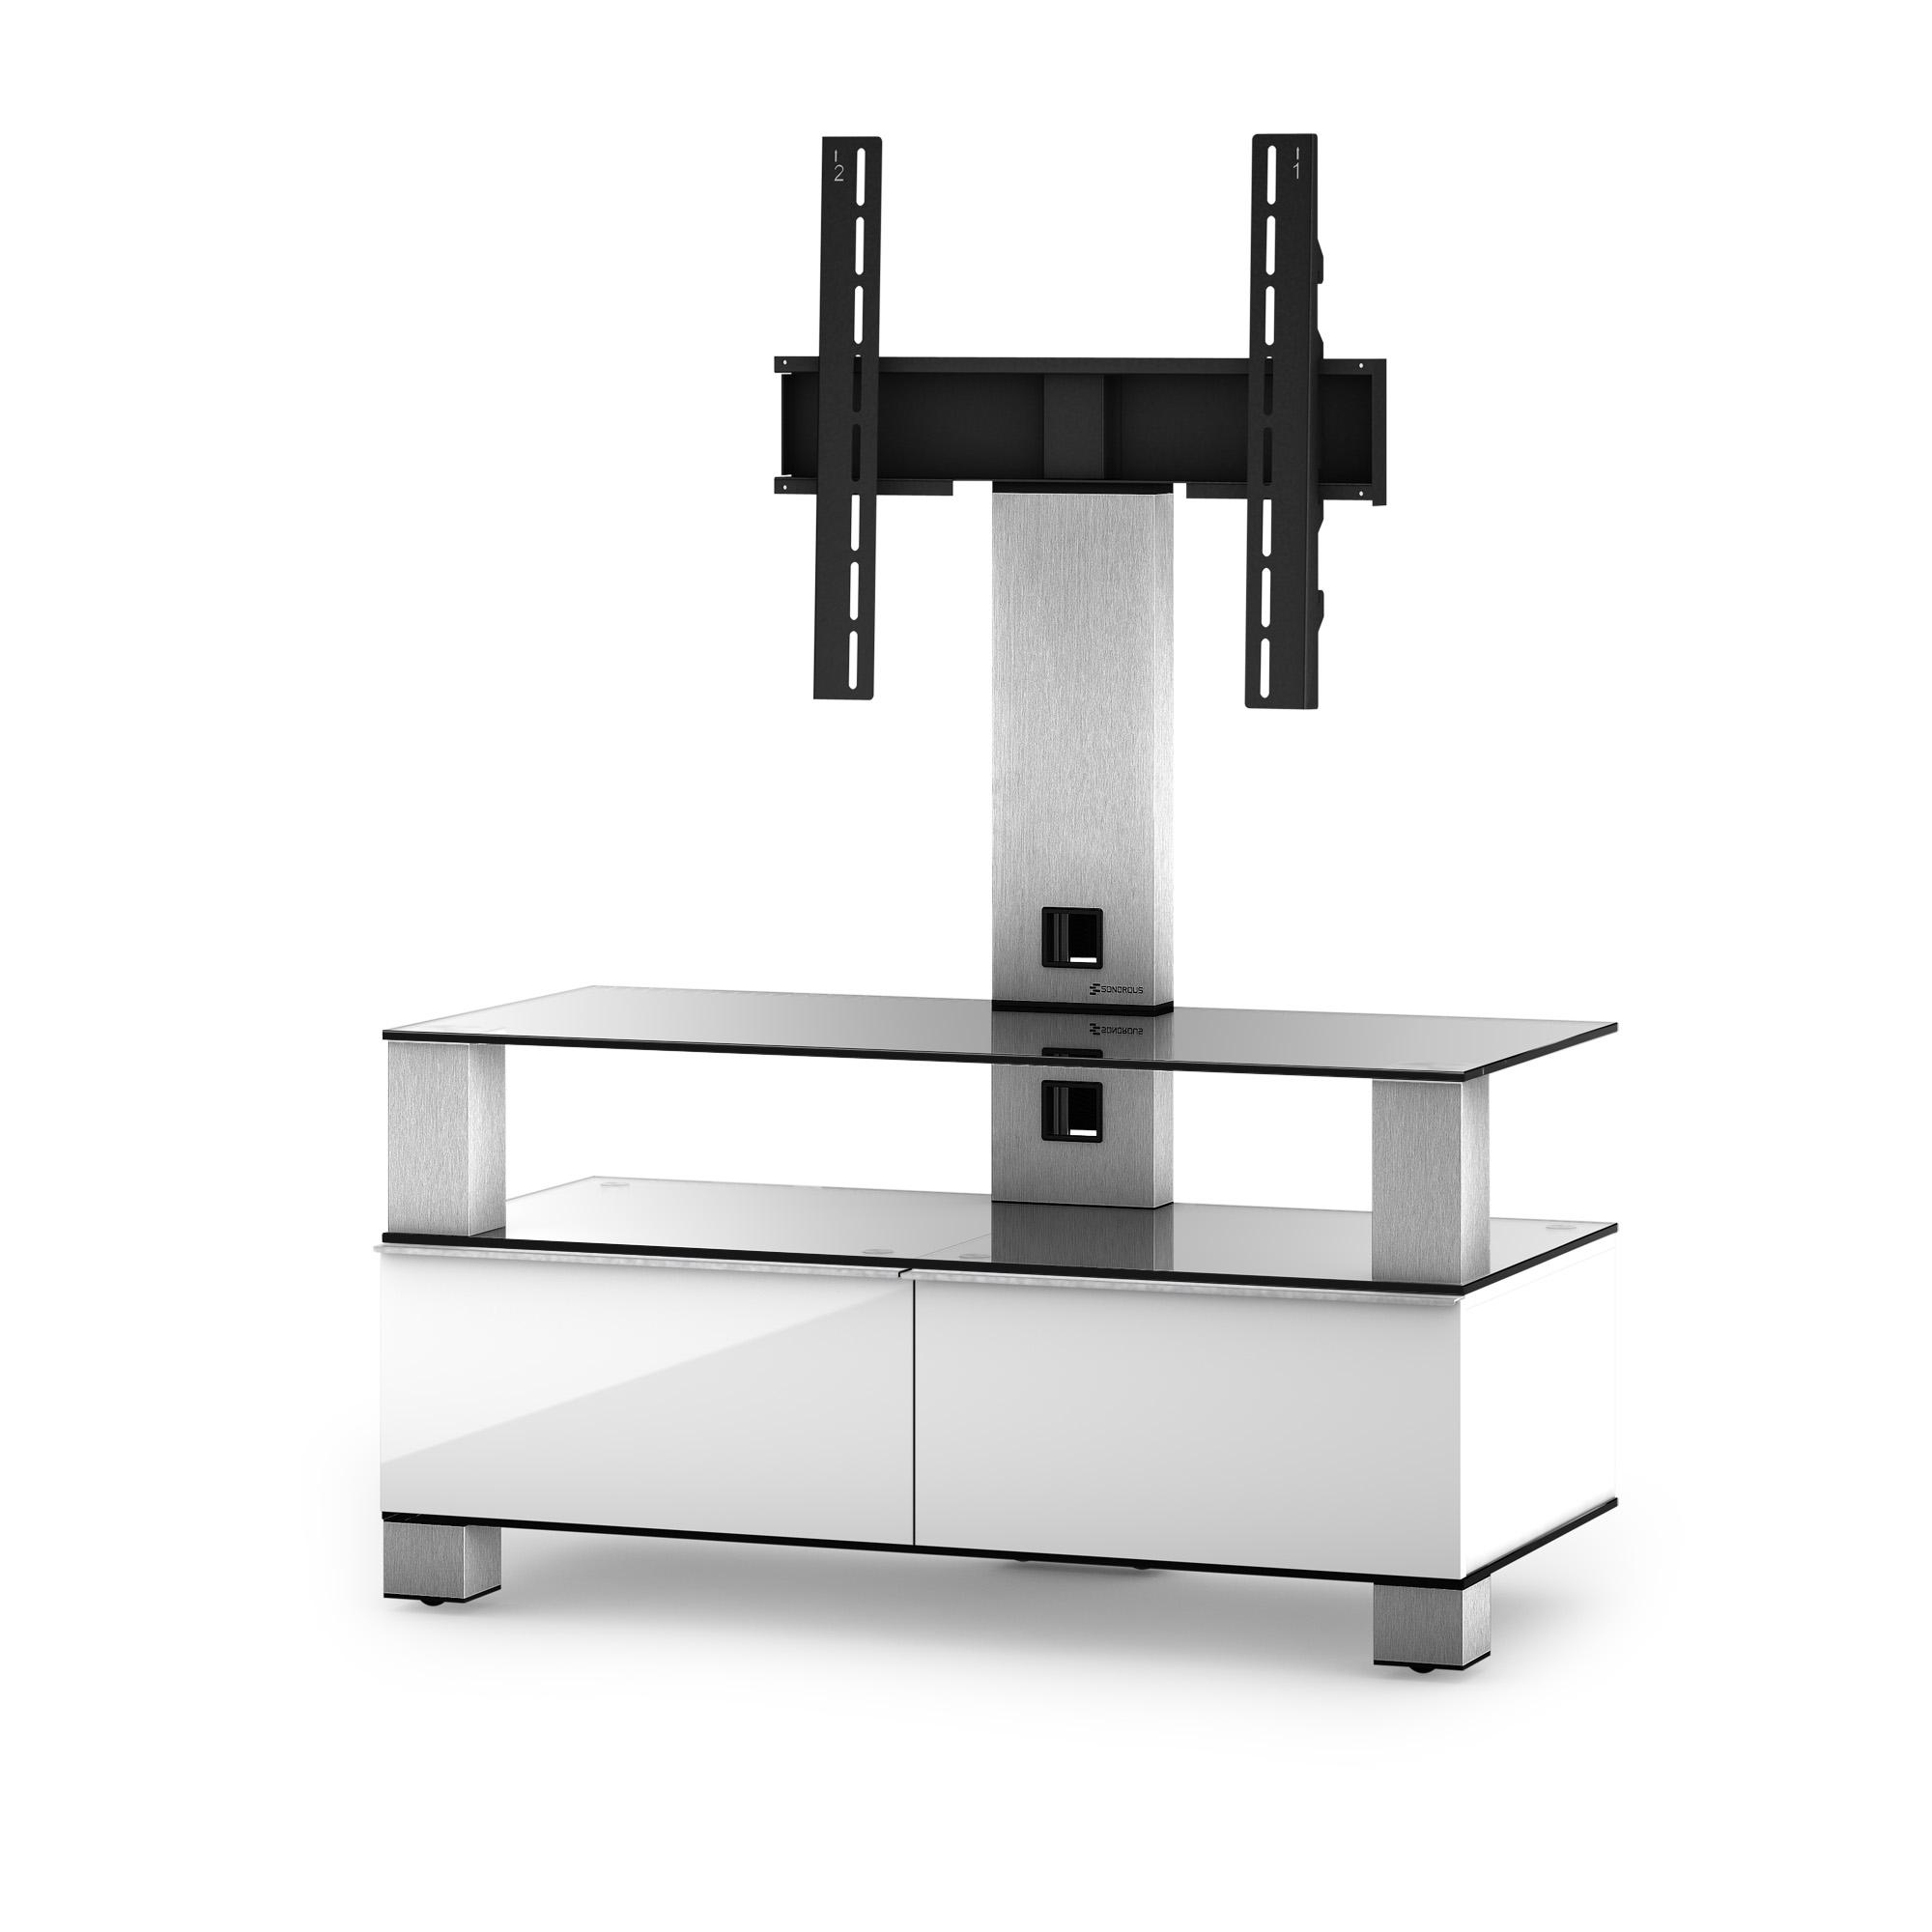 Meuble Tv Avec Barre De Son meuble tv sonorous md8953-c-inx-wht verre claire, blanc laqué avec support  tv